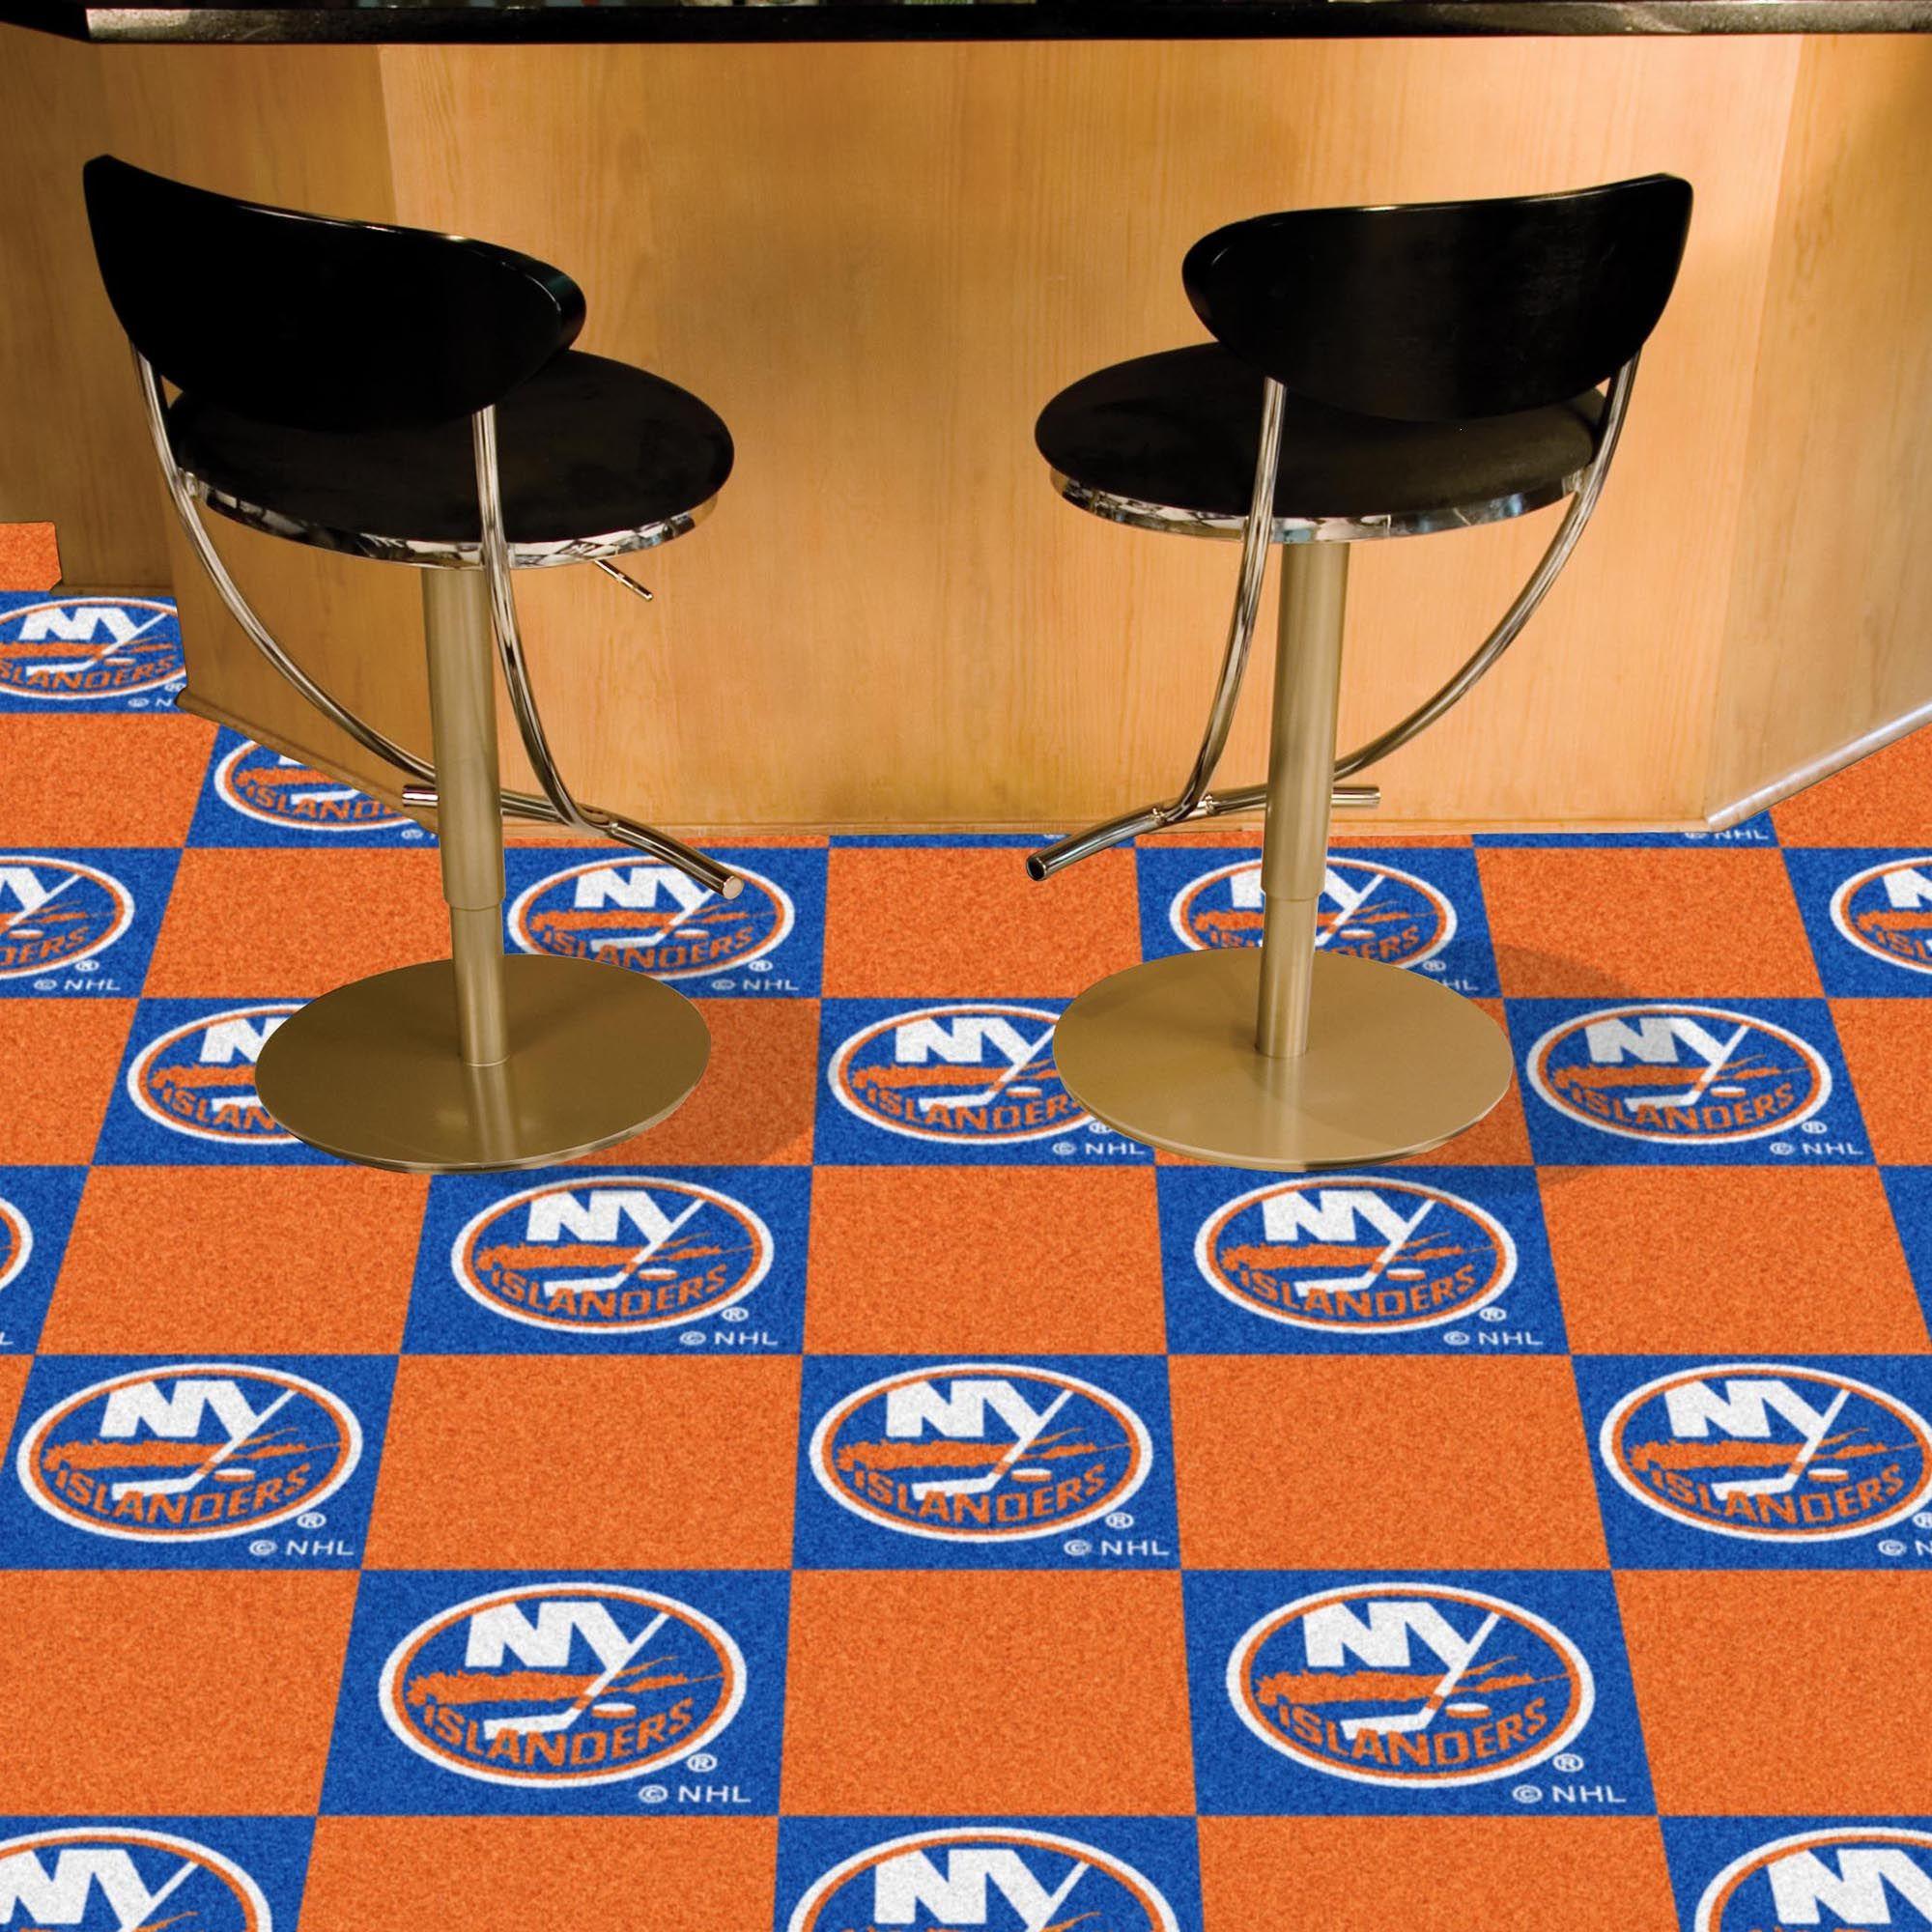 New York Islanders Team Carpet Tiles Carpet tiles